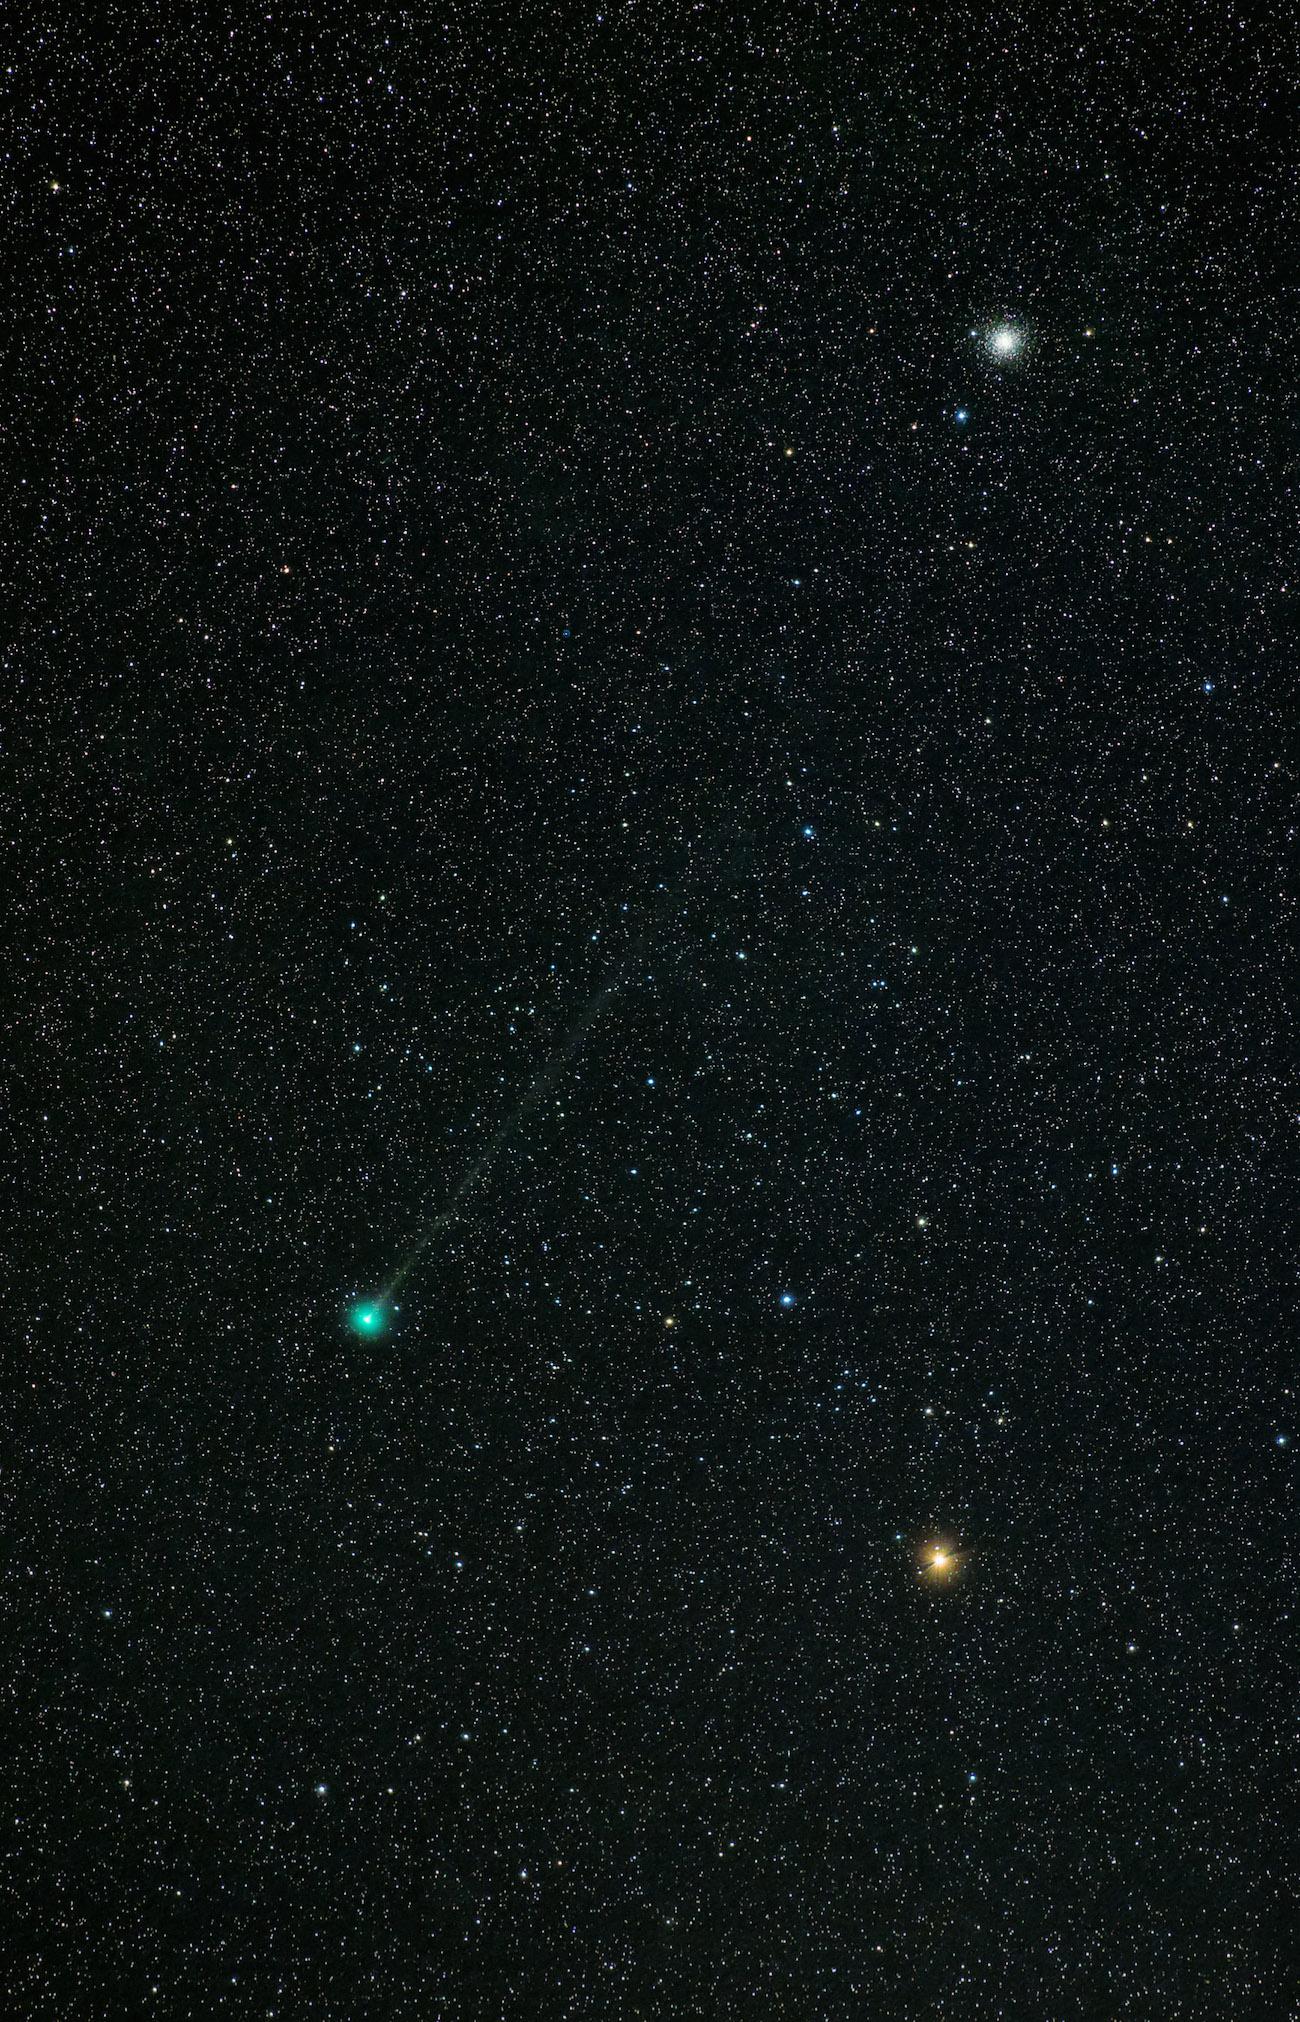 Epsilon pegasi